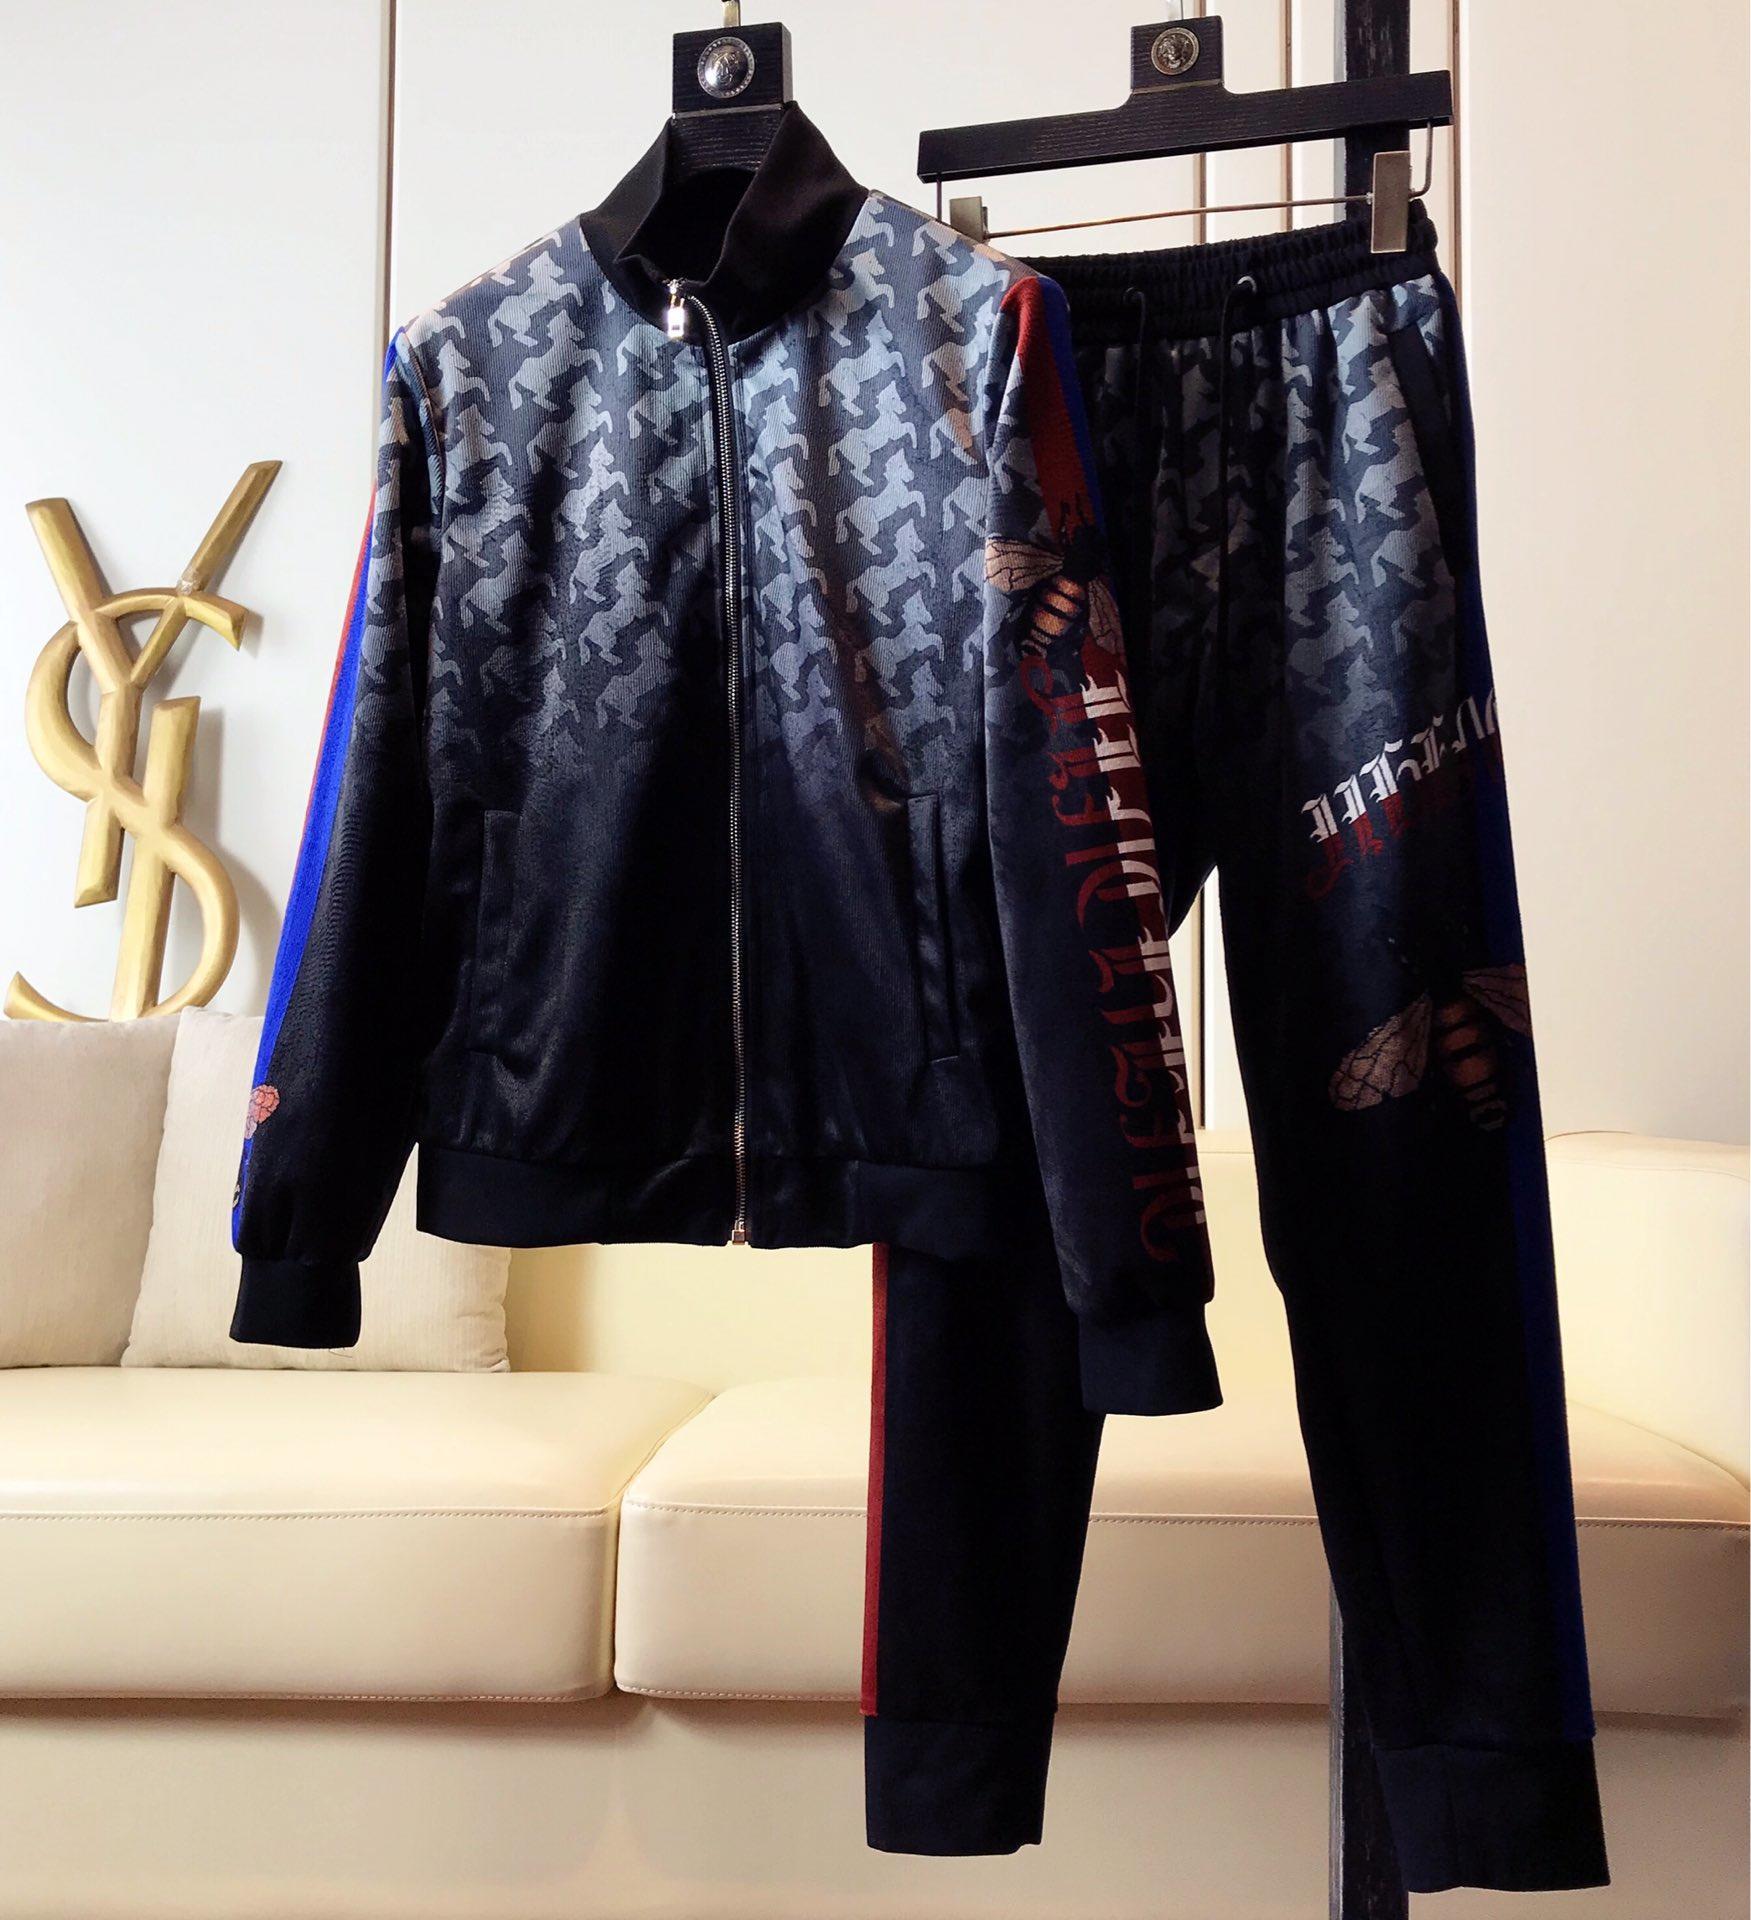 金丝绒套装Gucci古奇专柜新款套装